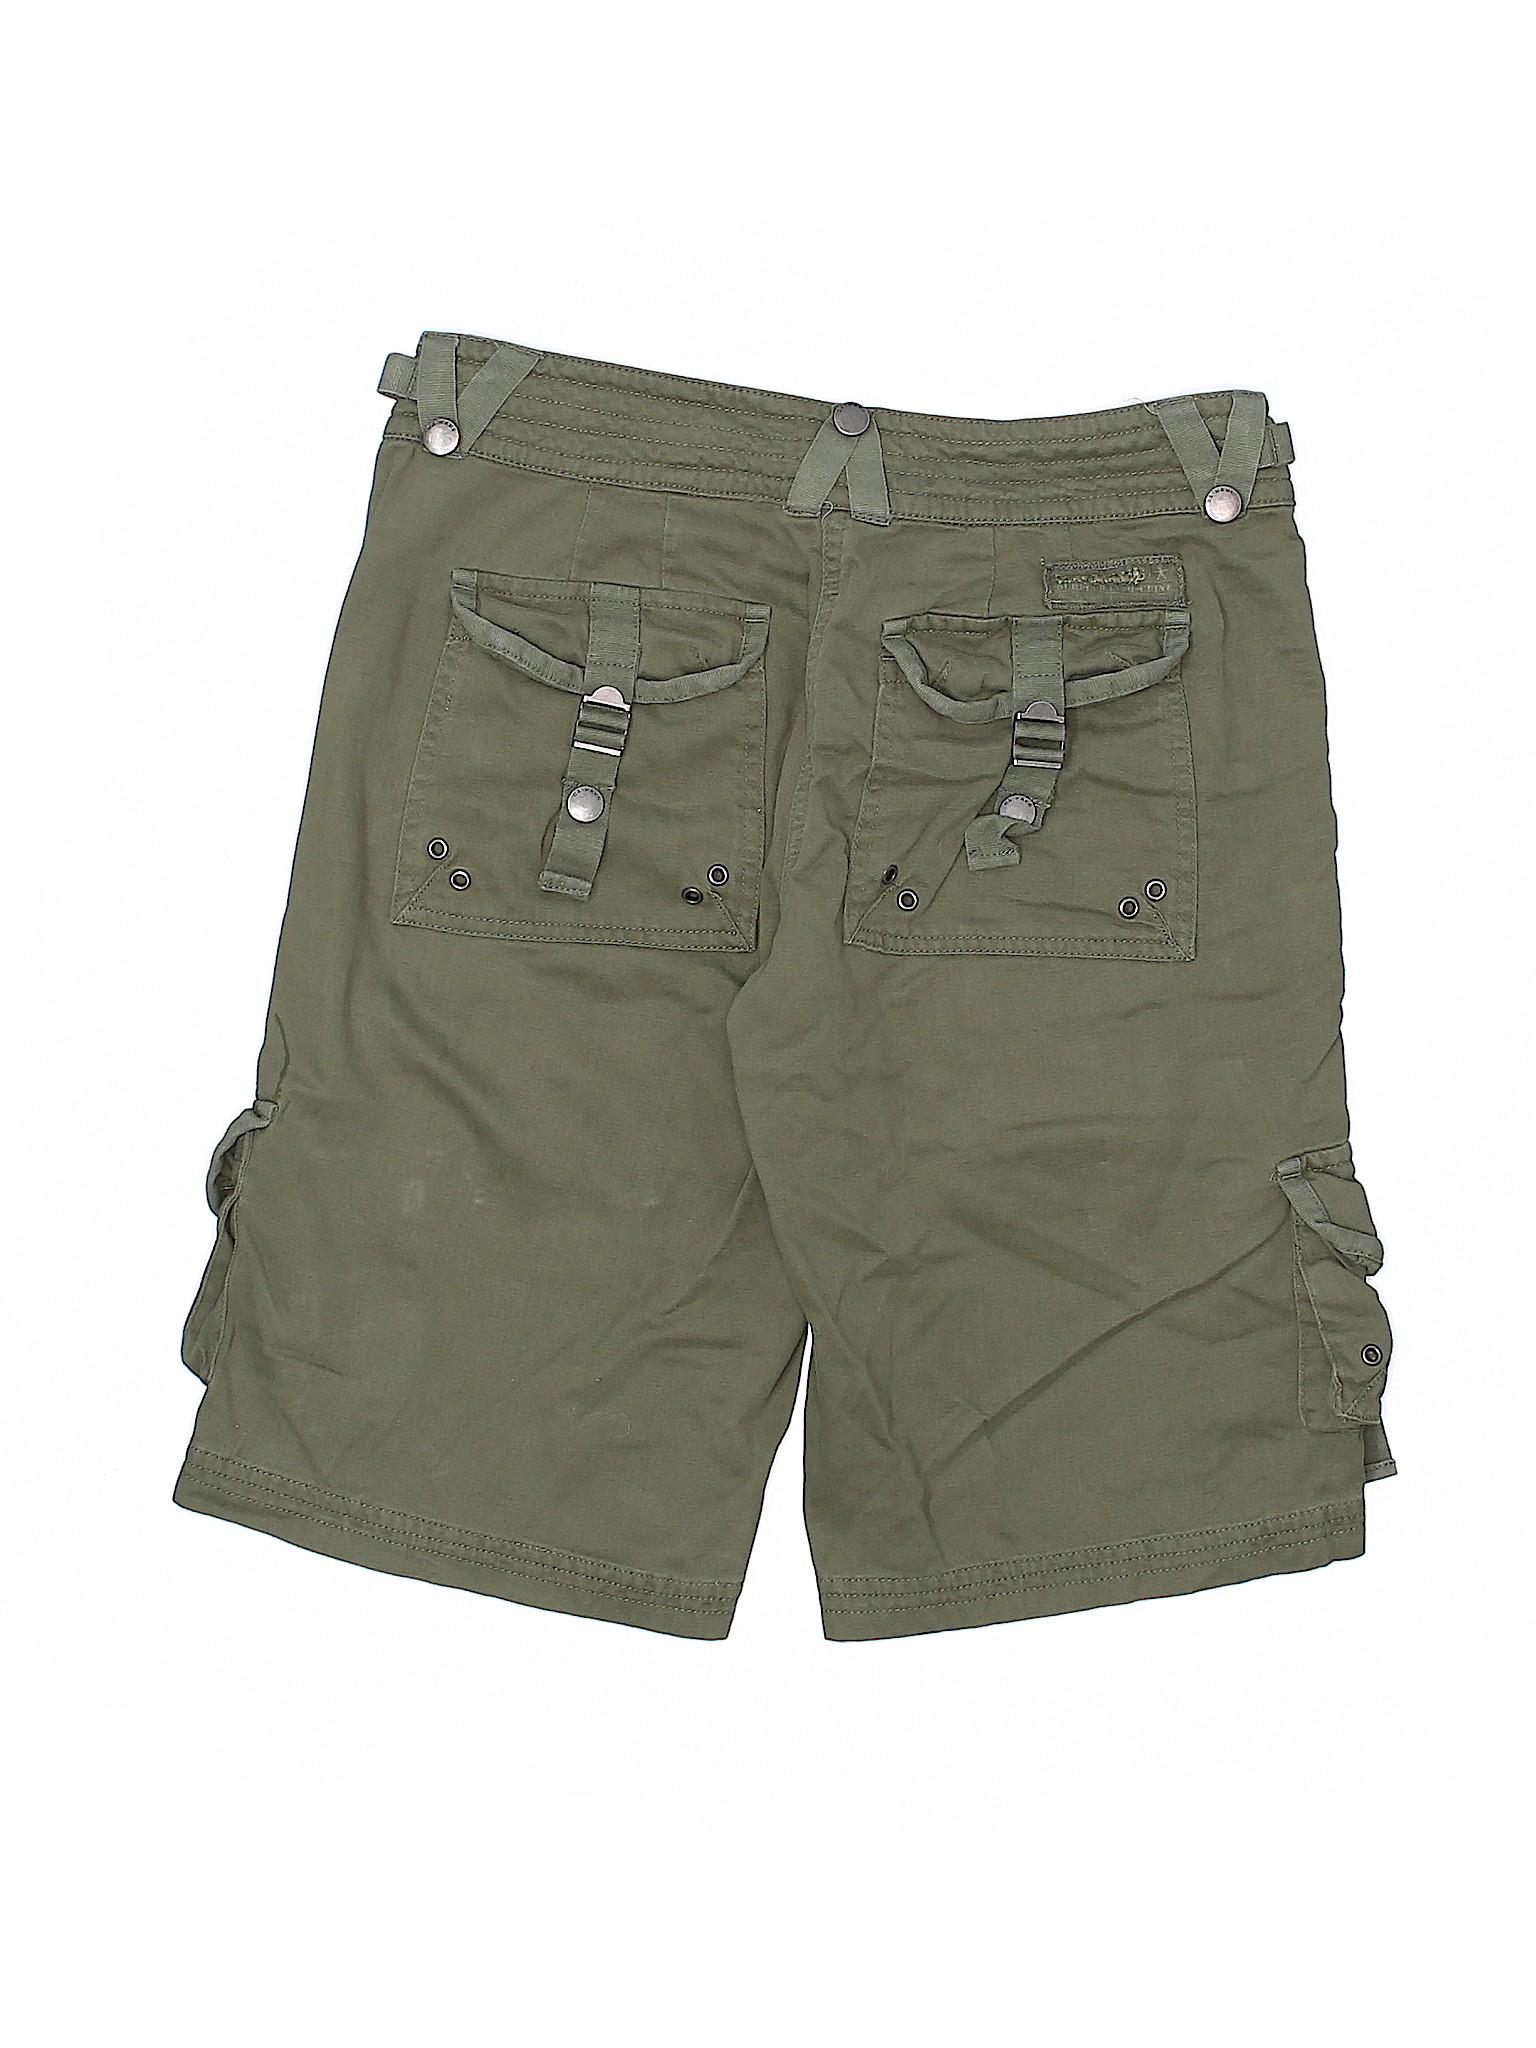 Da Shorts Nang Cargo Boutique Boutique Da FqxgOw